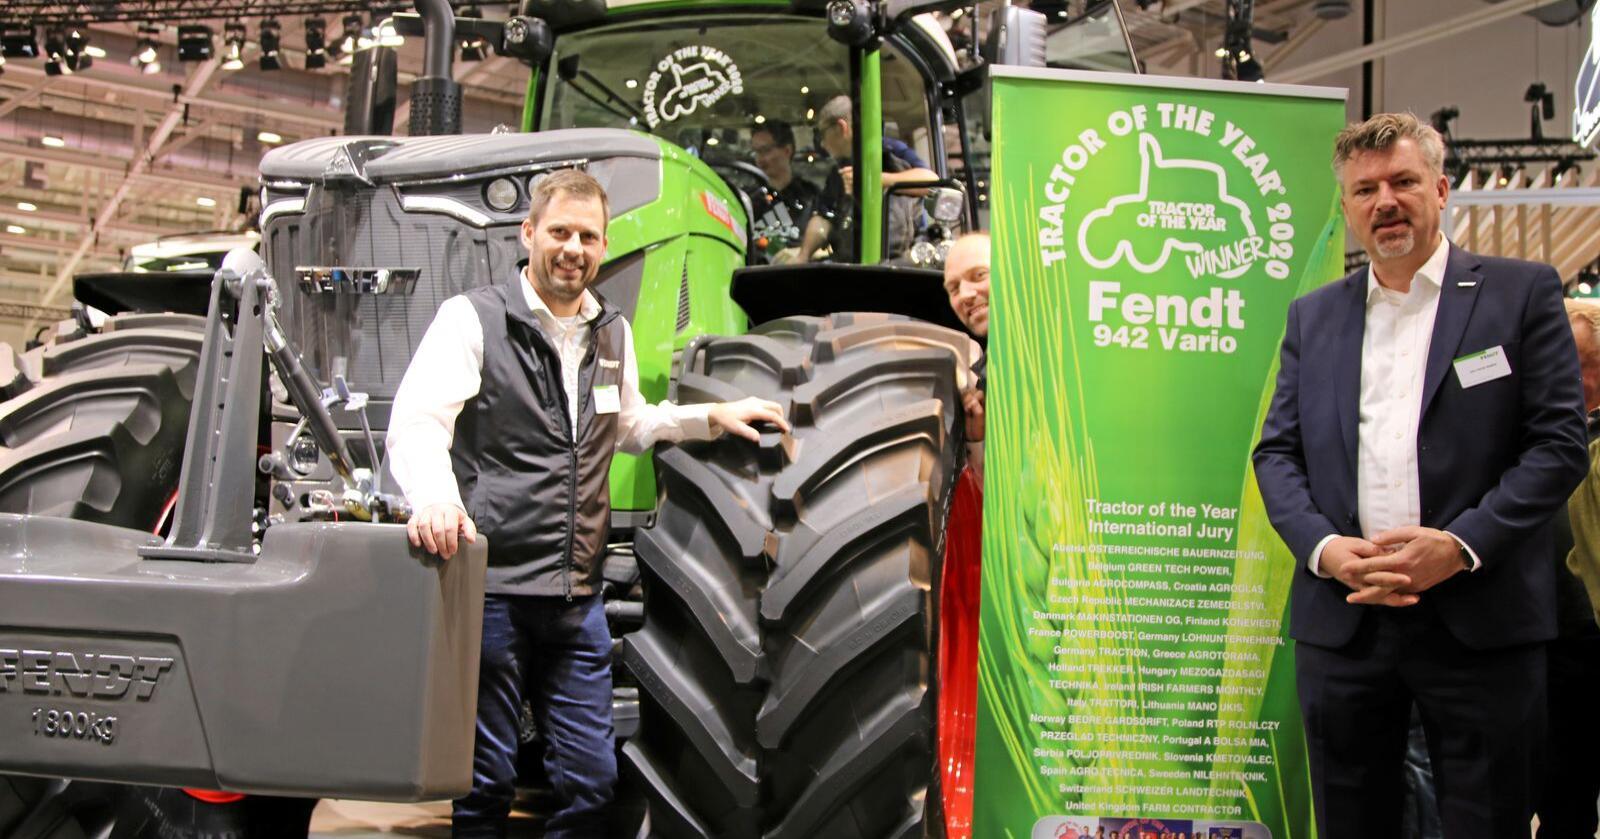 Eikmaskins Jørgen Skjelin (f.v.), Even Enger og John-Henrik Stadtler kunne smile bredt over oppmerksomhet Fendts nye flaggskip og vinner av Årets Traktor 2020, Fendt 942 Vario, høstet under Agritechinca i November 2019.